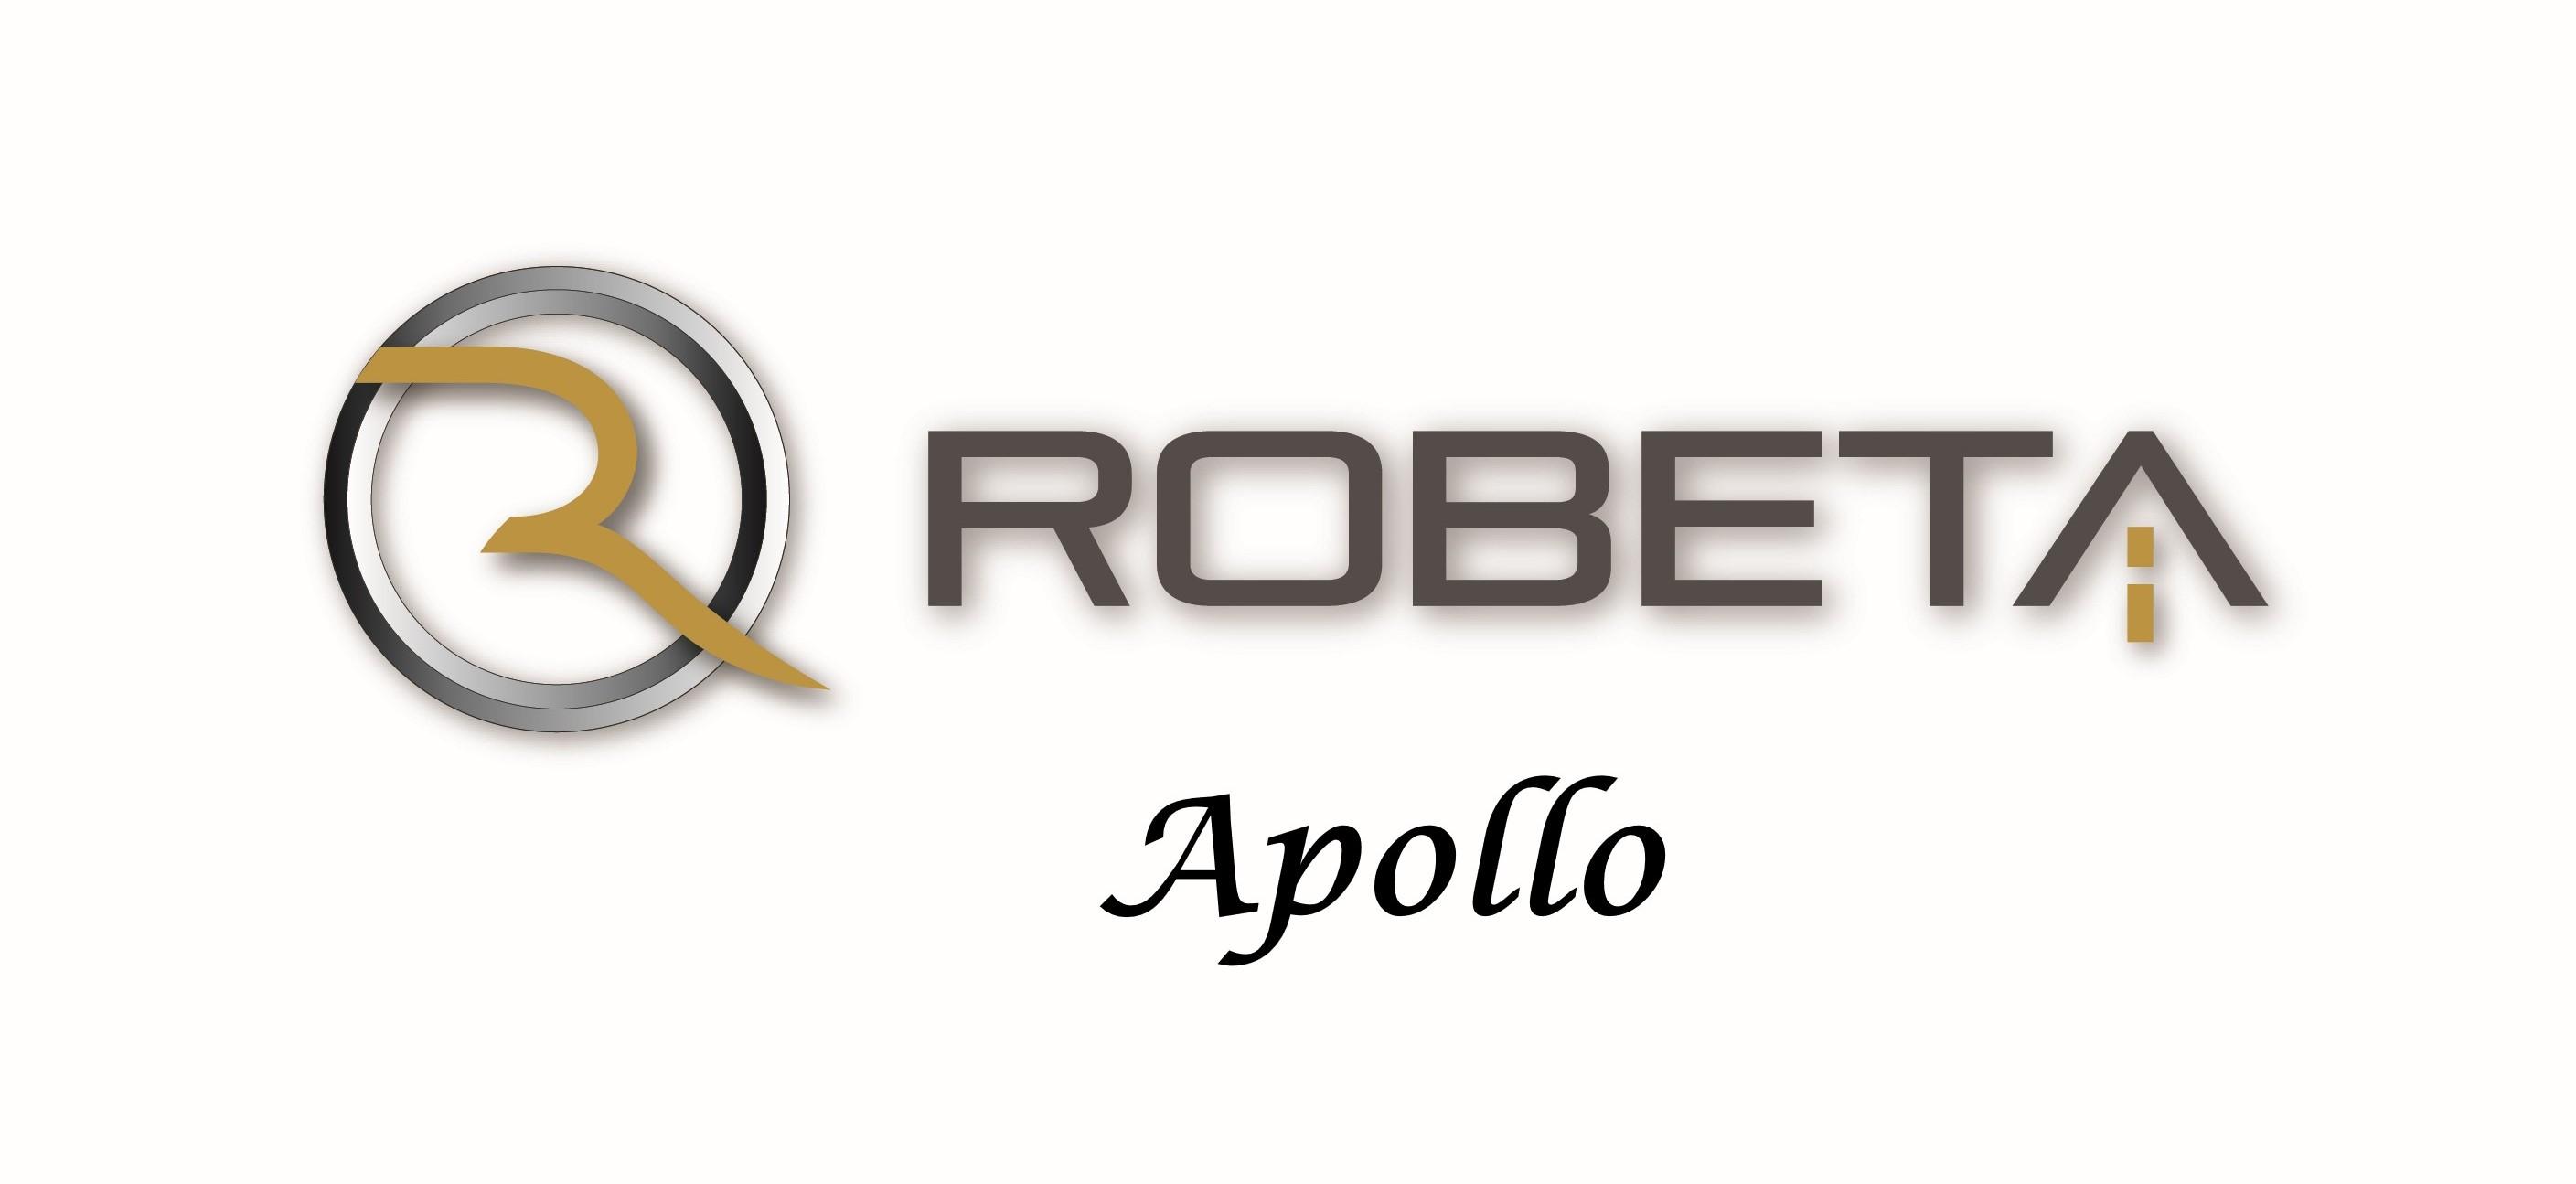 ROBETA Apollo (2)